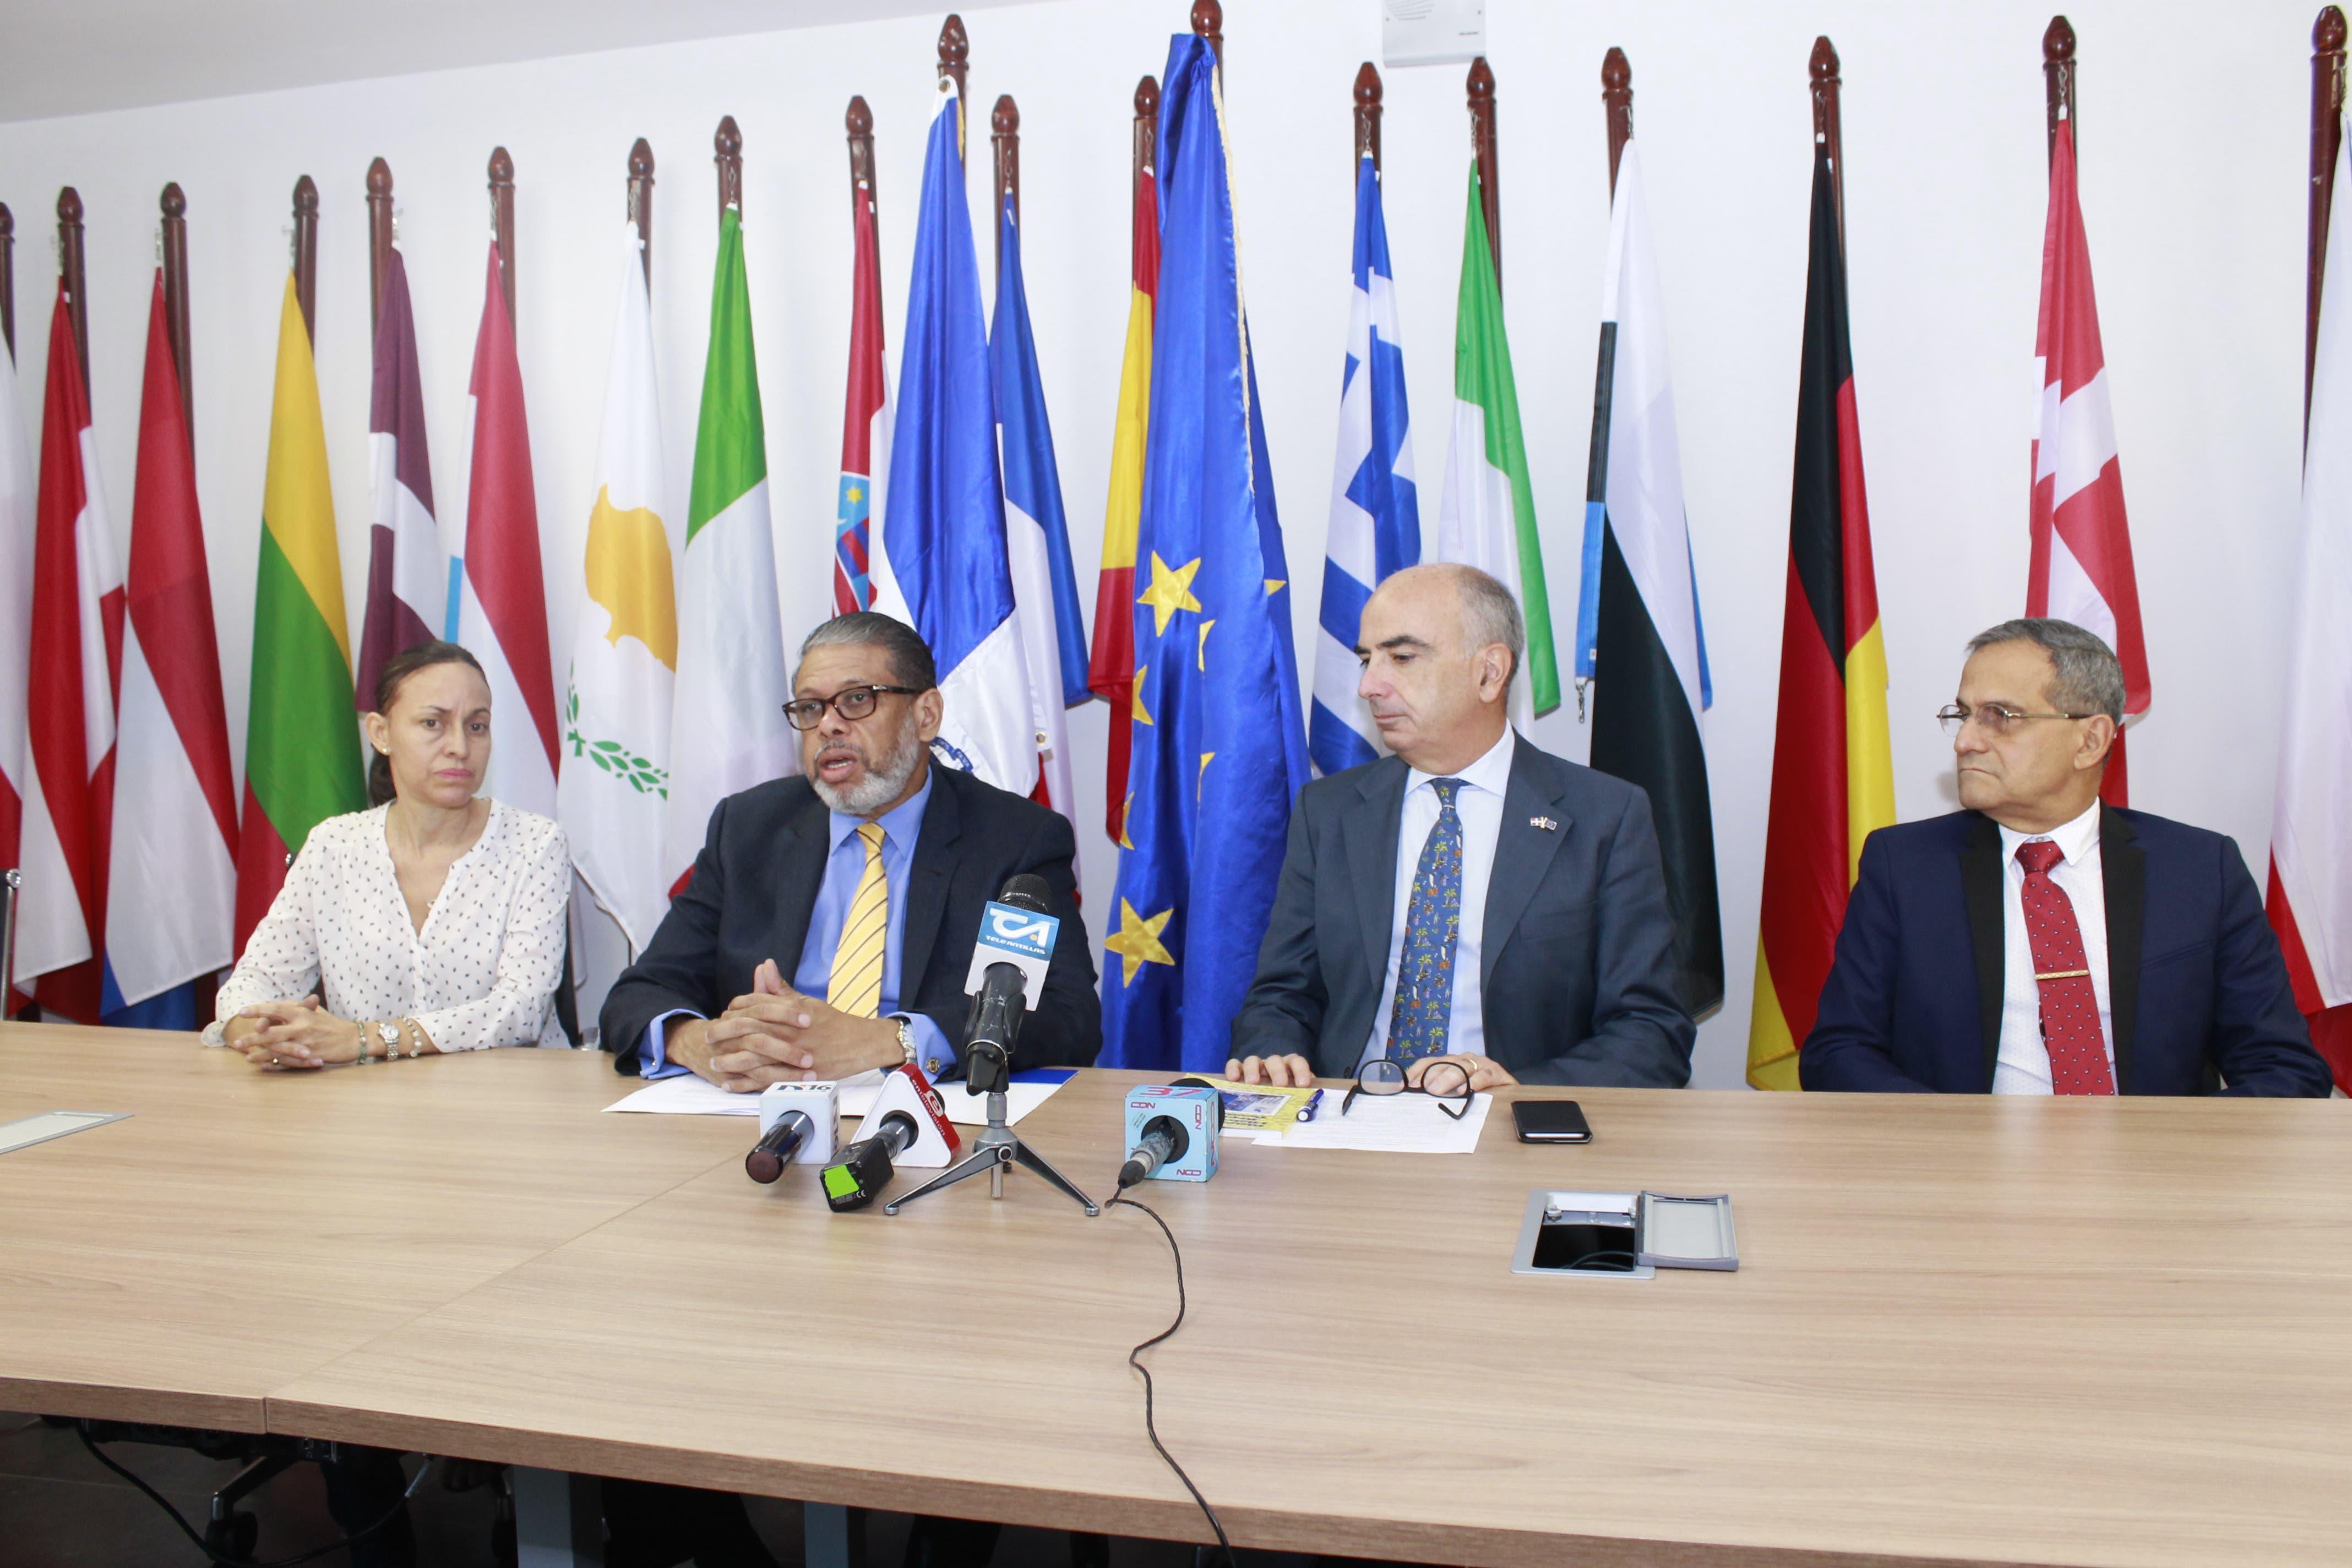 Inposdom y Unión Europea en RD lanzan concurso nacional de diseño del Sello Postal